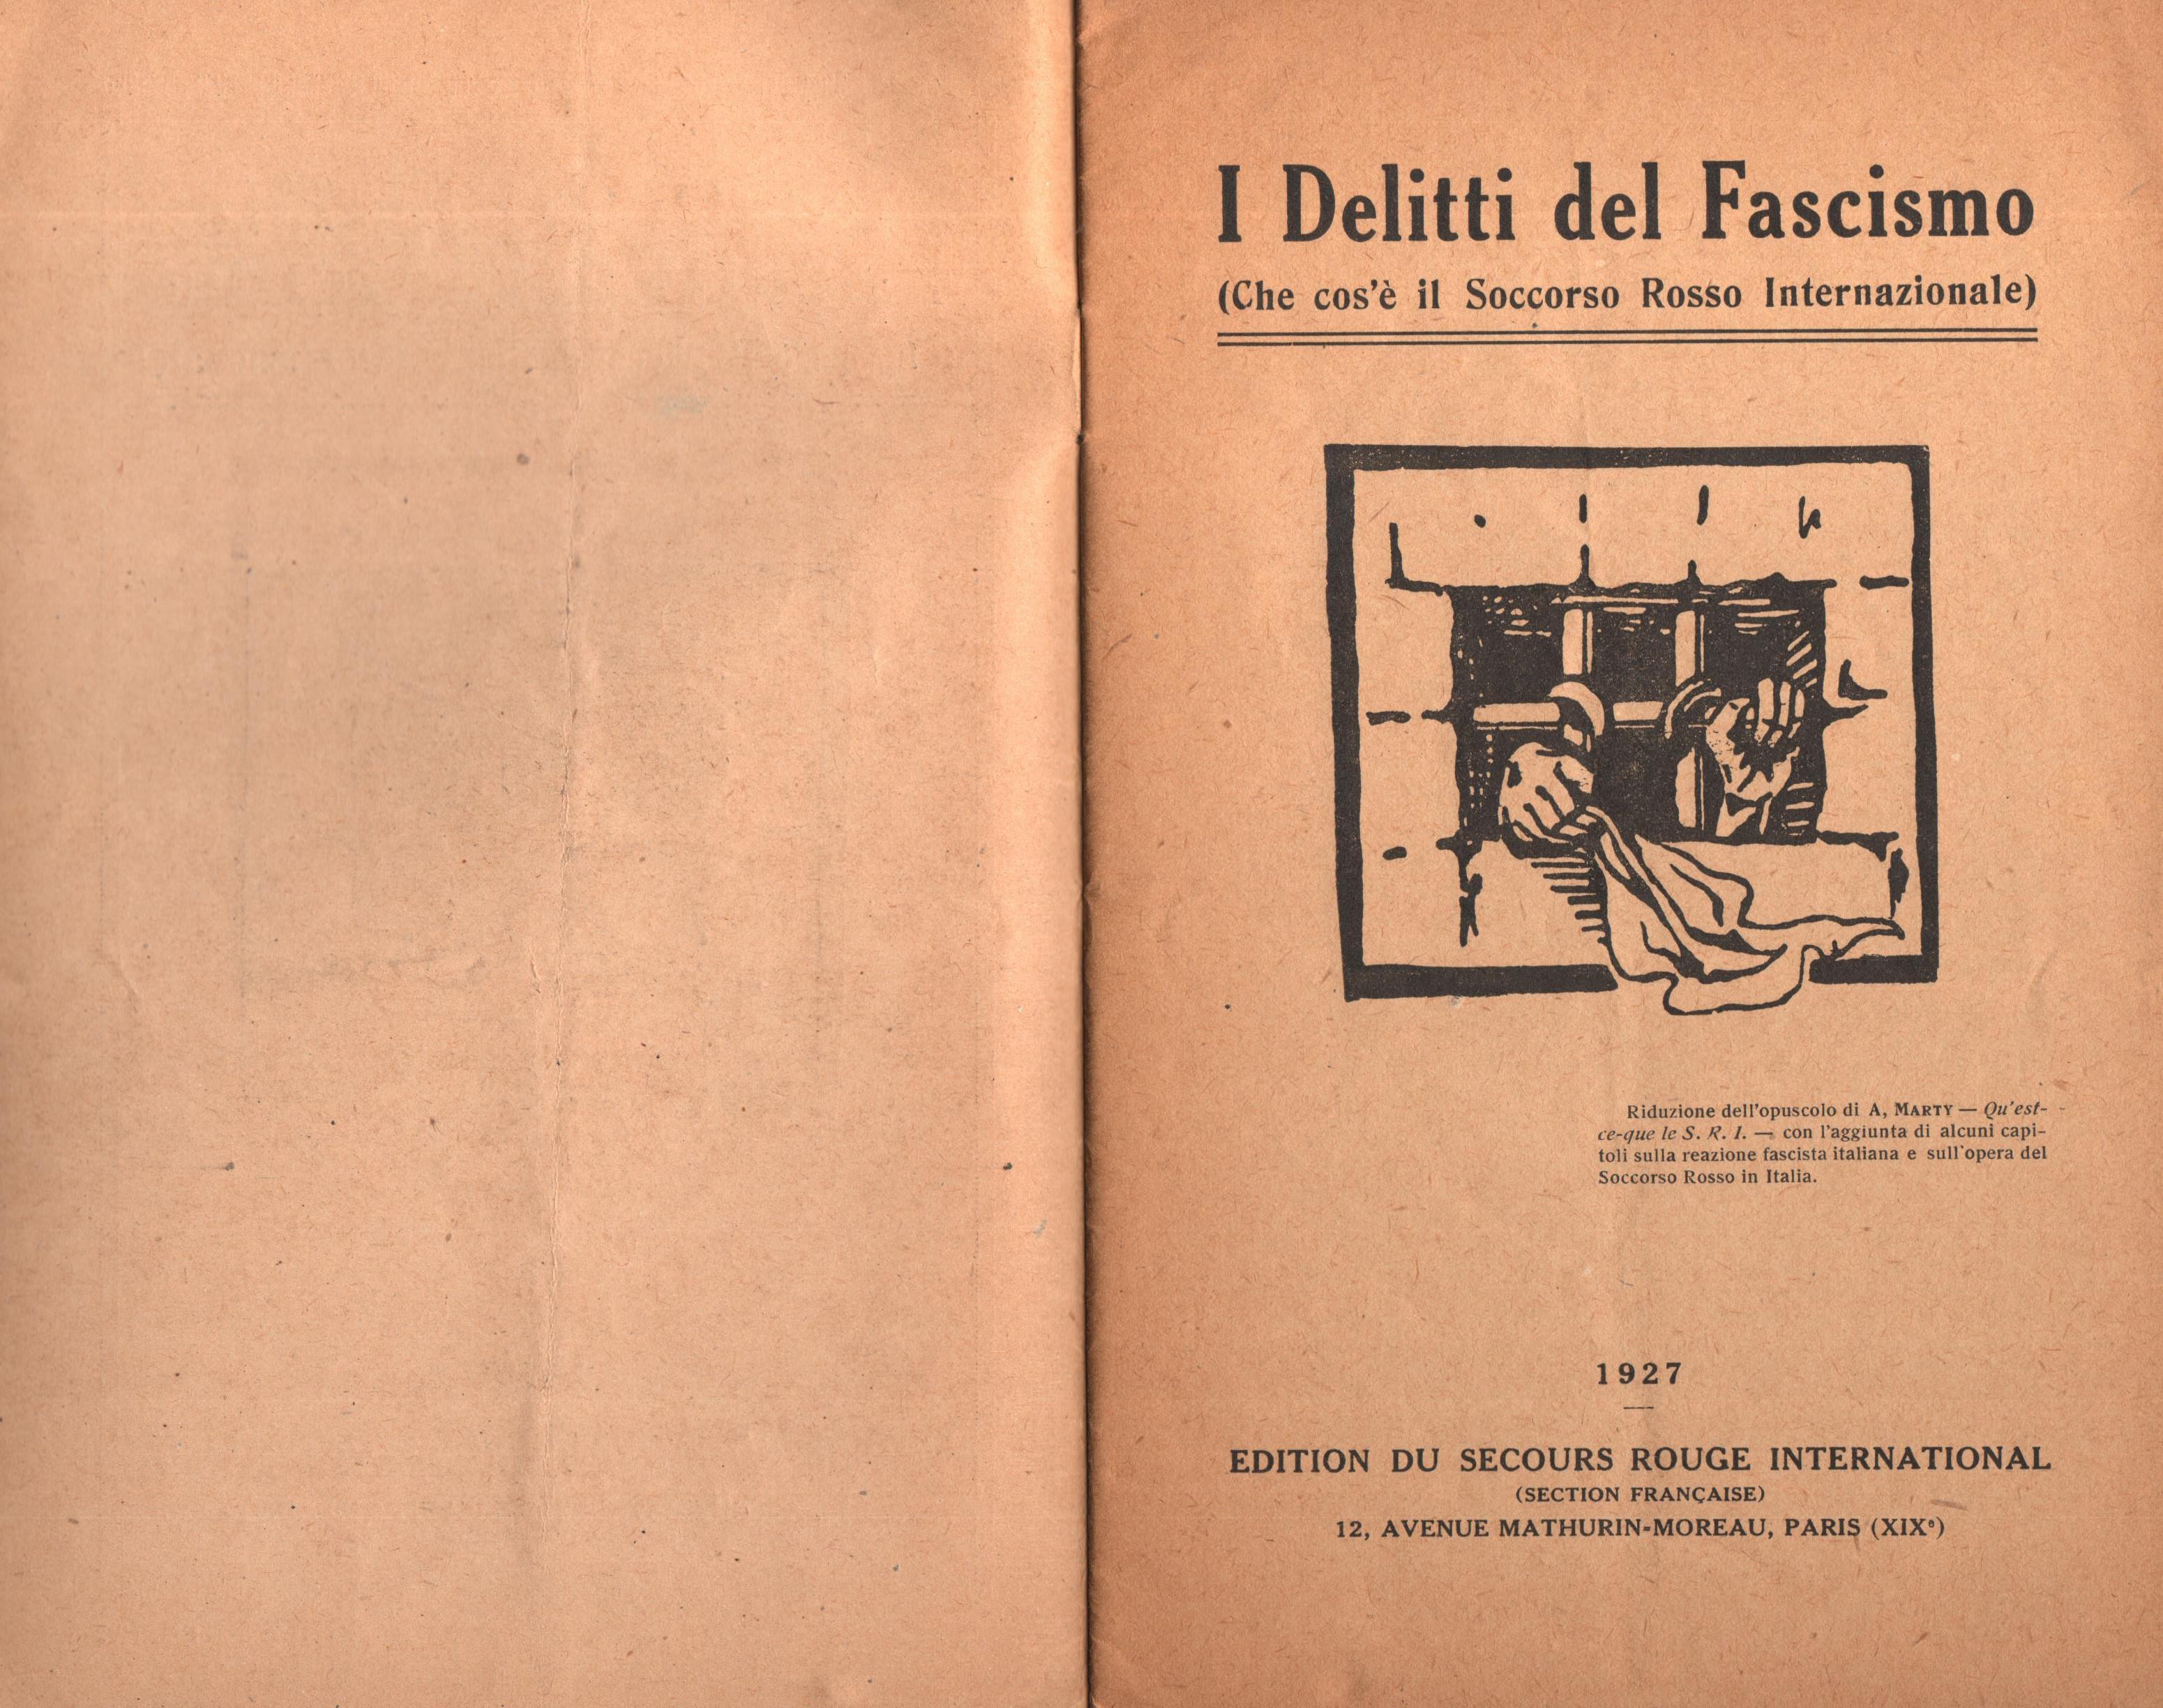 I delitti del fascismo - pag. 2